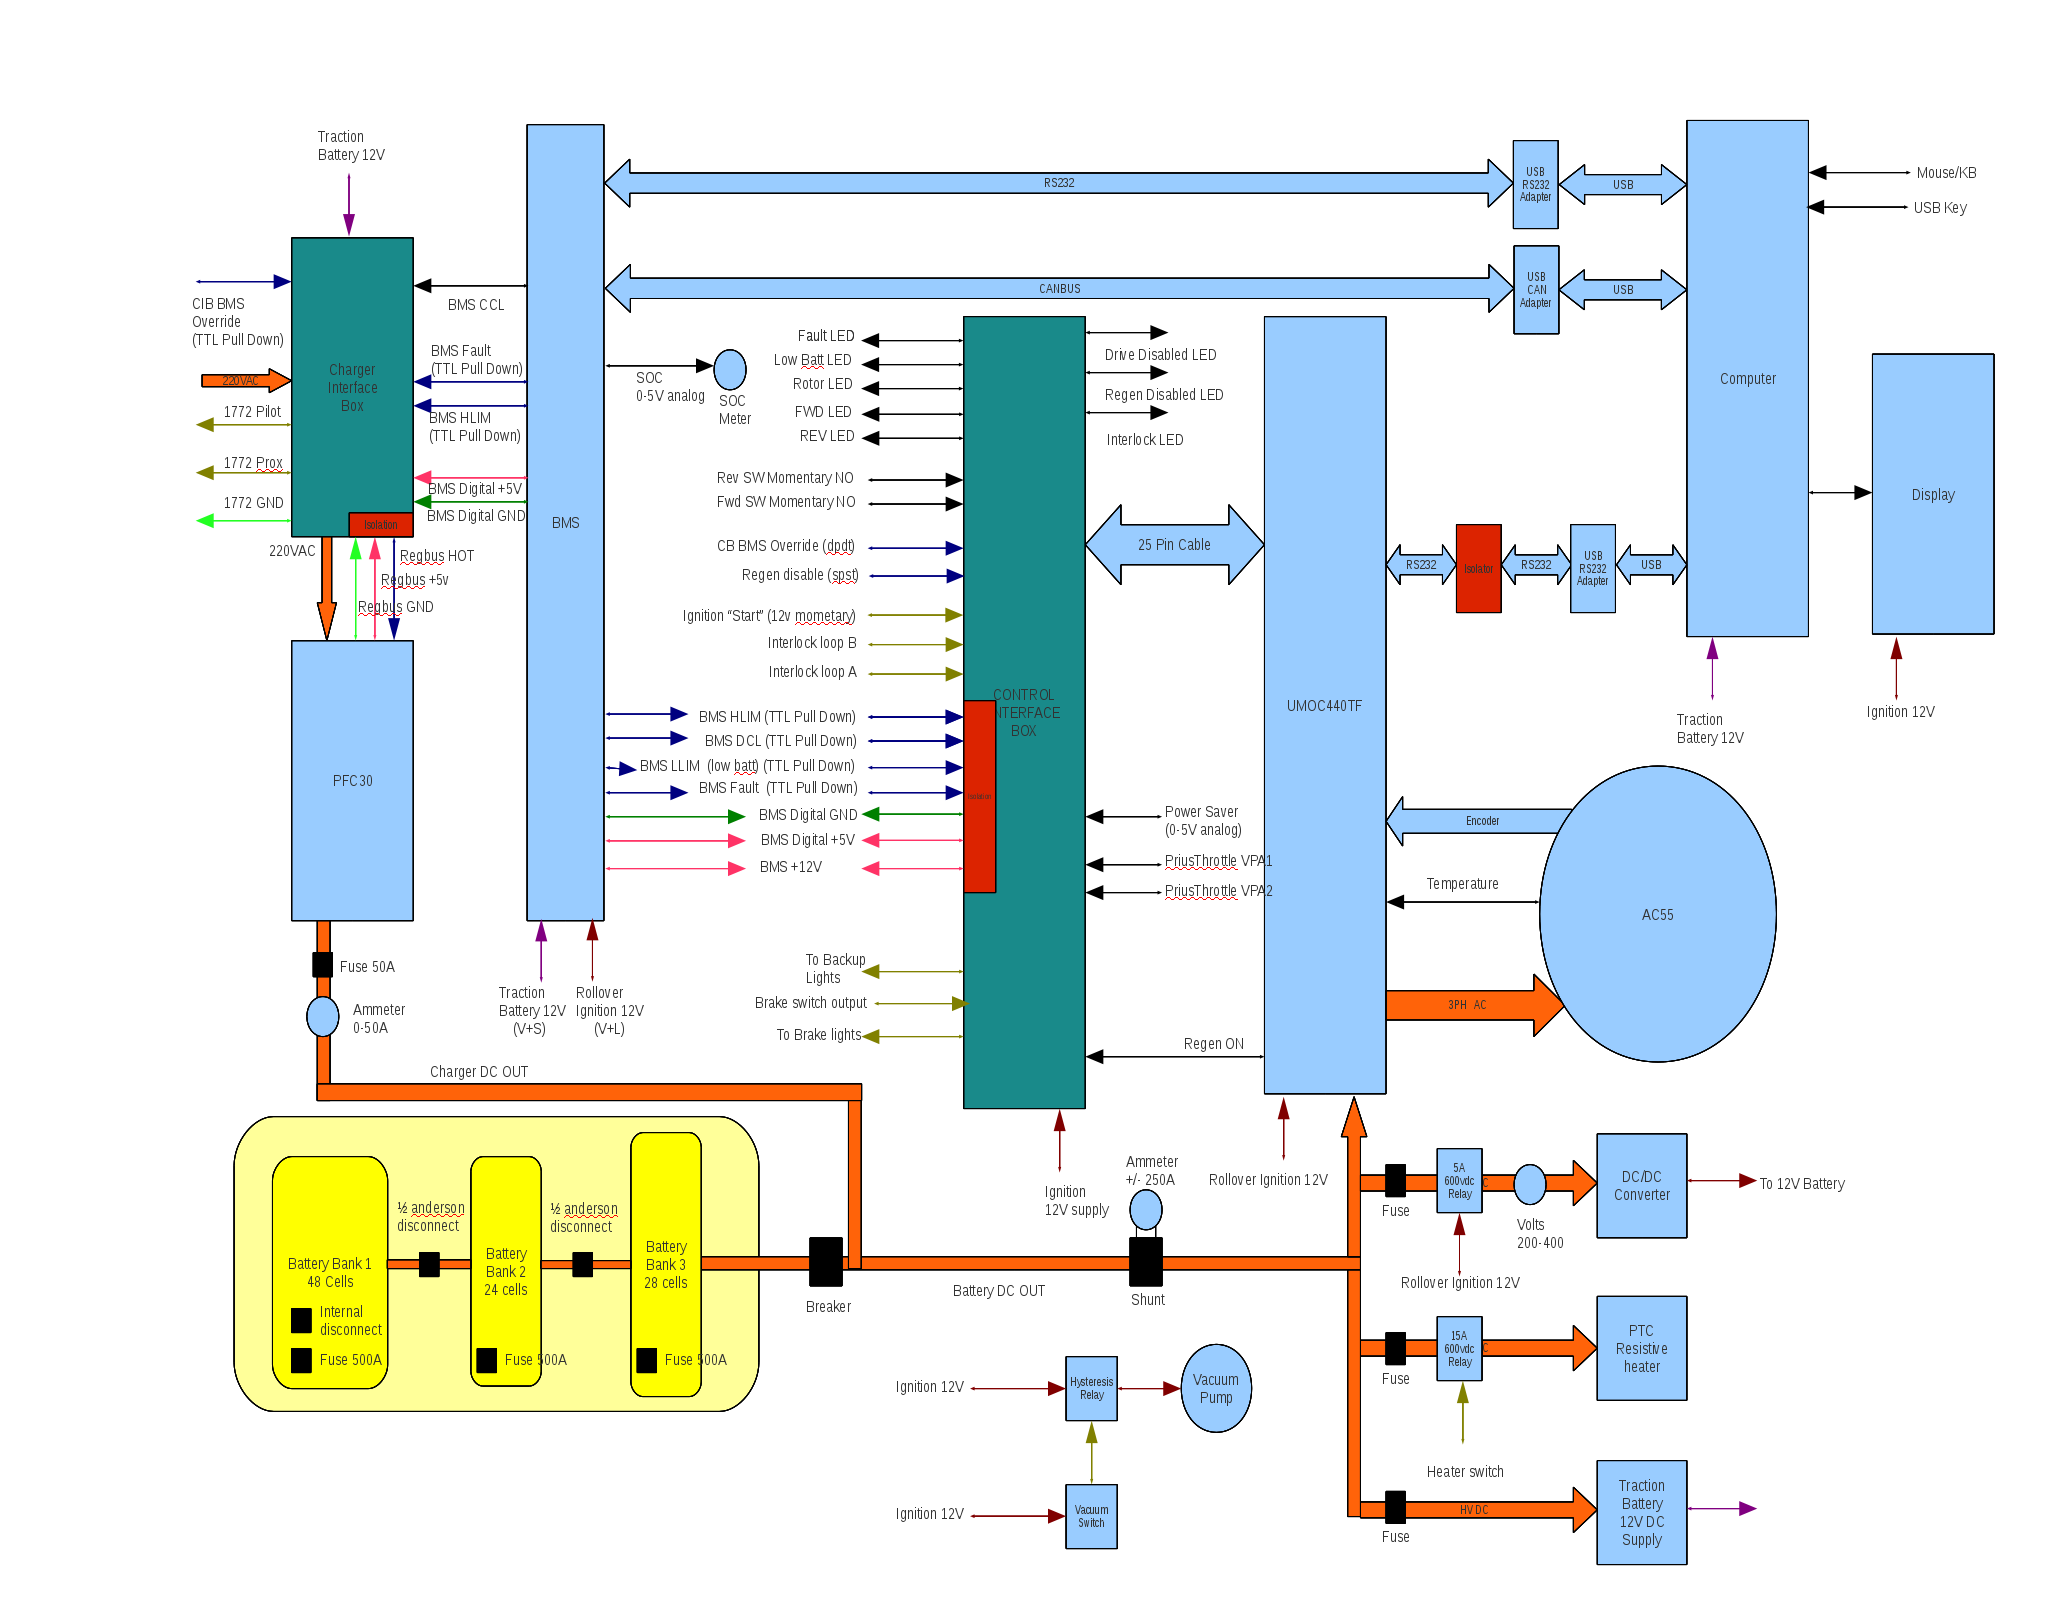 tc wiring diagram schematics wiring diagram rh sylviaexpress com 2015 scion tc wiring diagram 2006 scion tc wiring diagram